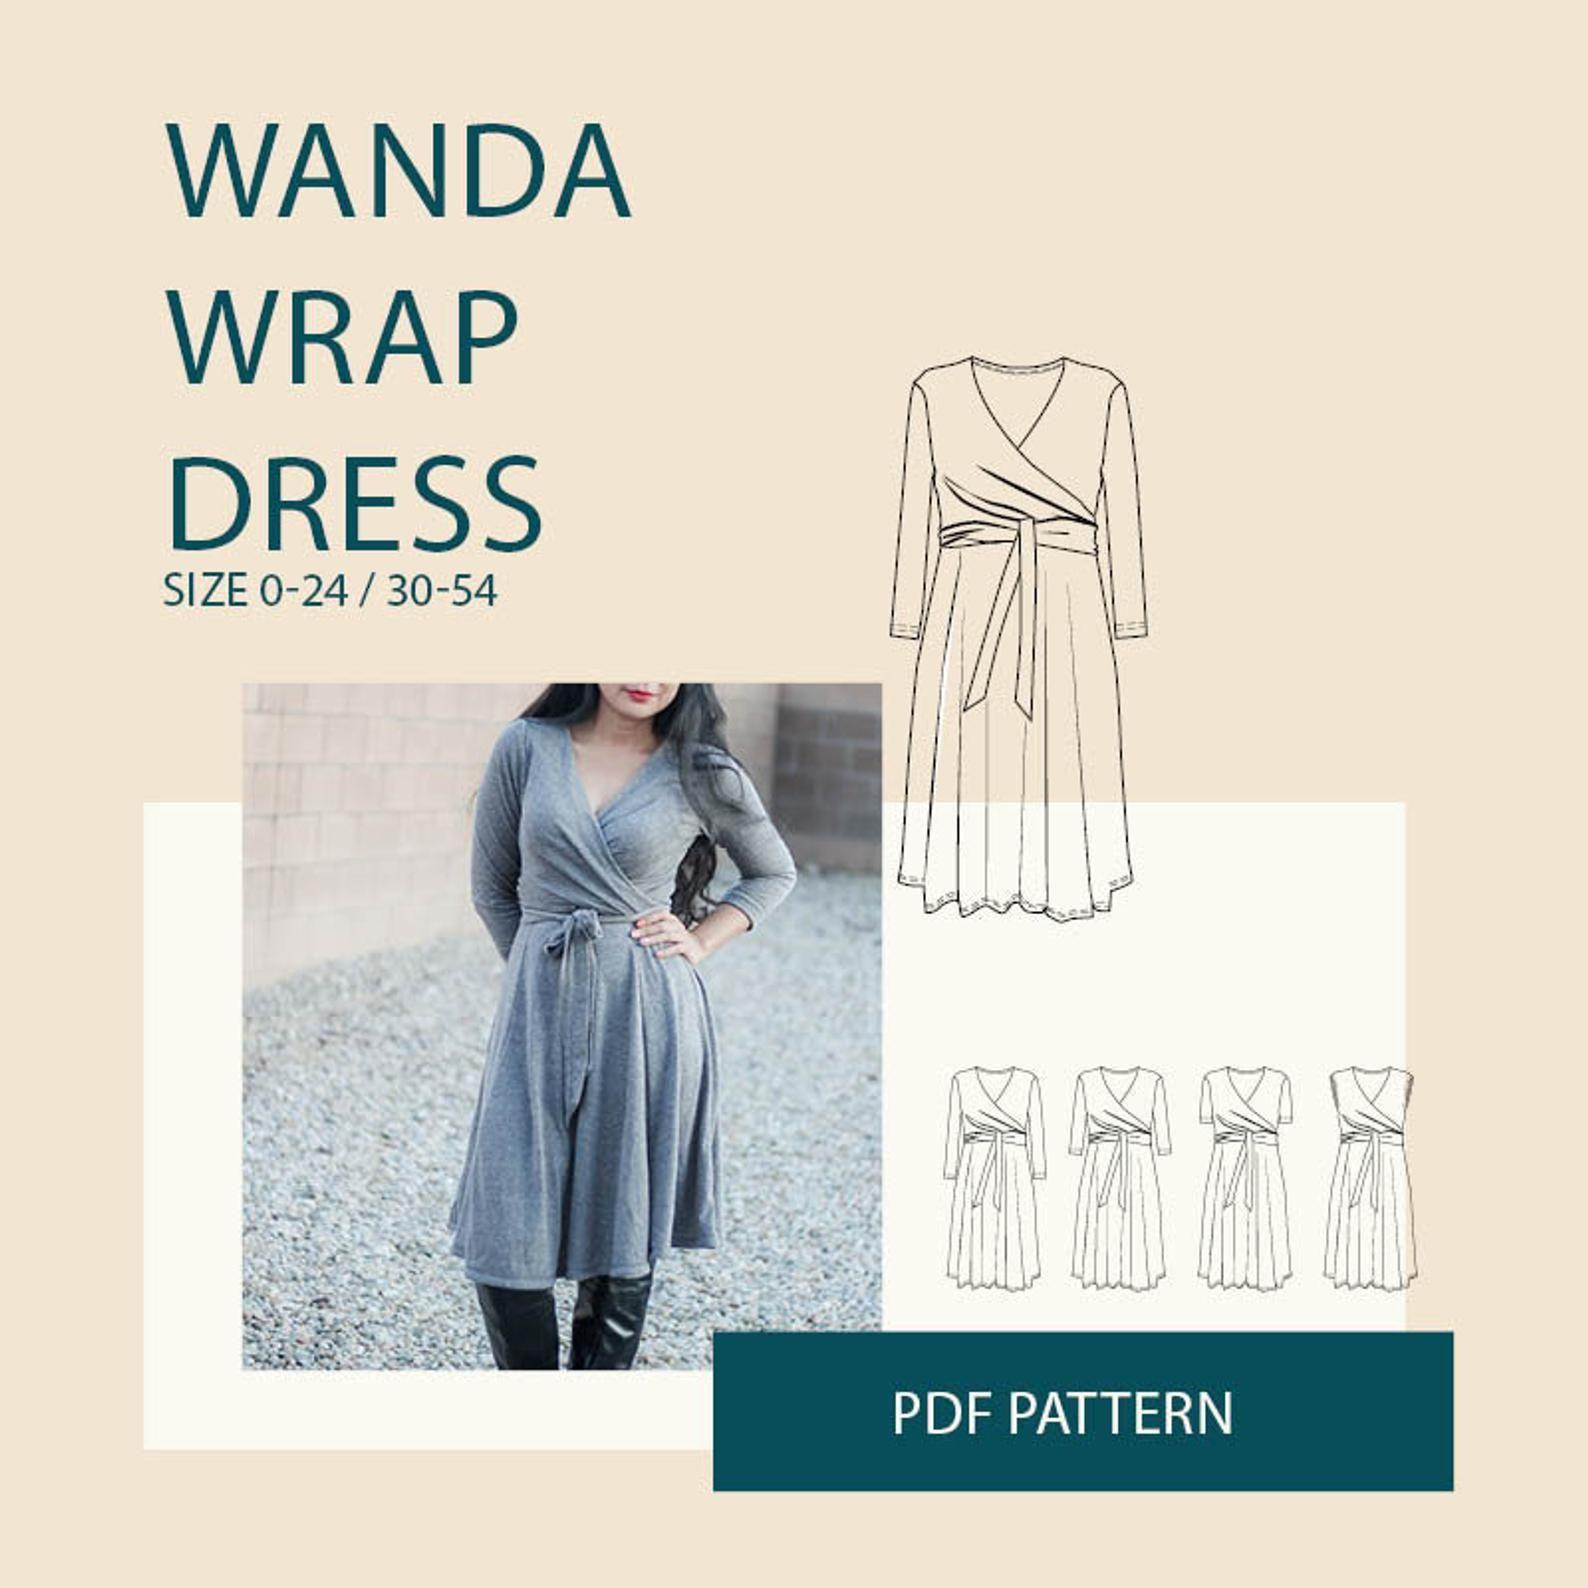 Jersey Wrap Dress Pattern Pdf Spring Fashion Trend Sewing Etsy Wrap Dress Pattern Jersey Wrap Dress Pattern Dress Women [ 1588 x 1588 Pixel ]